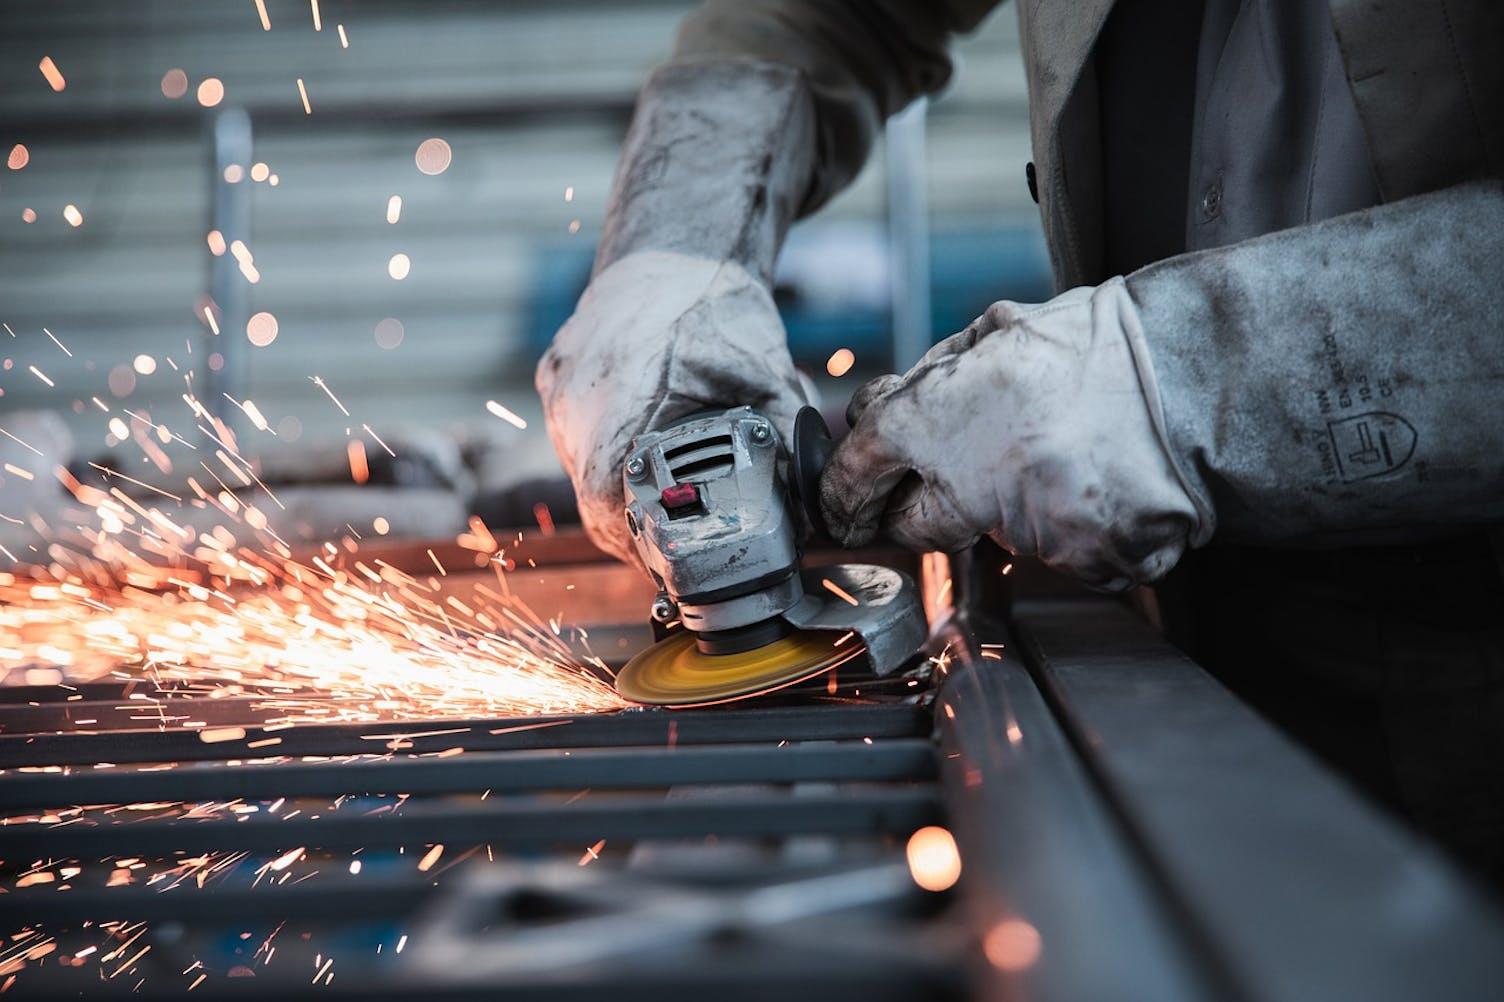 Industrie Arbeit